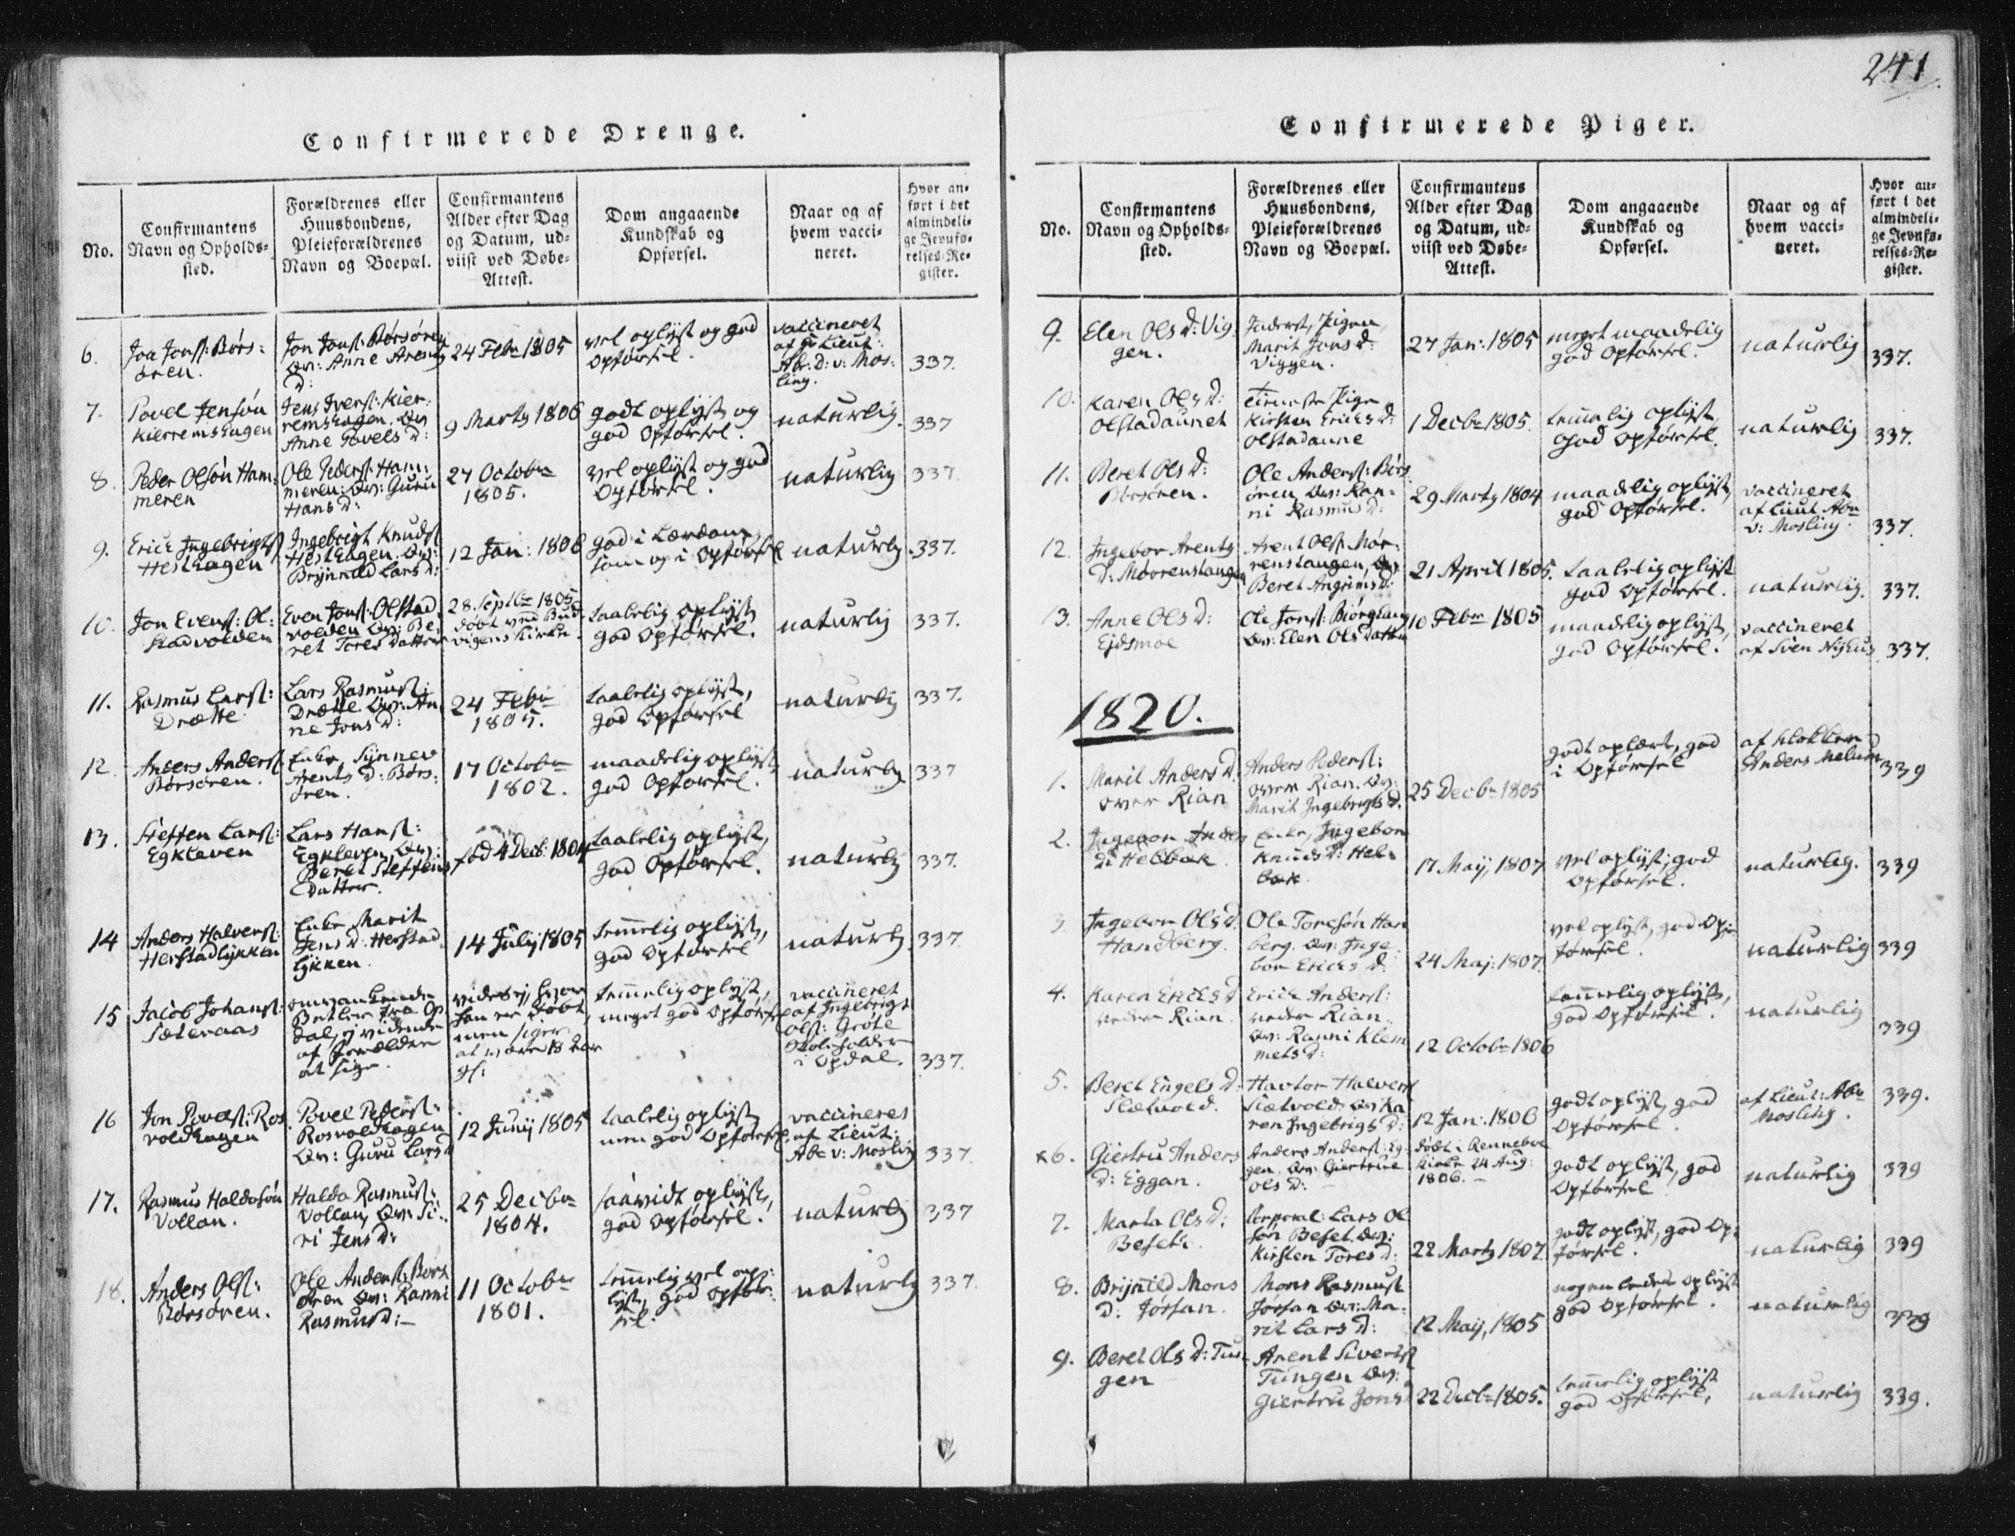 SAT, Ministerialprotokoller, klokkerbøker og fødselsregistre - Sør-Trøndelag, 665/L0770: Ministerialbok nr. 665A05, 1817-1829, s. 241